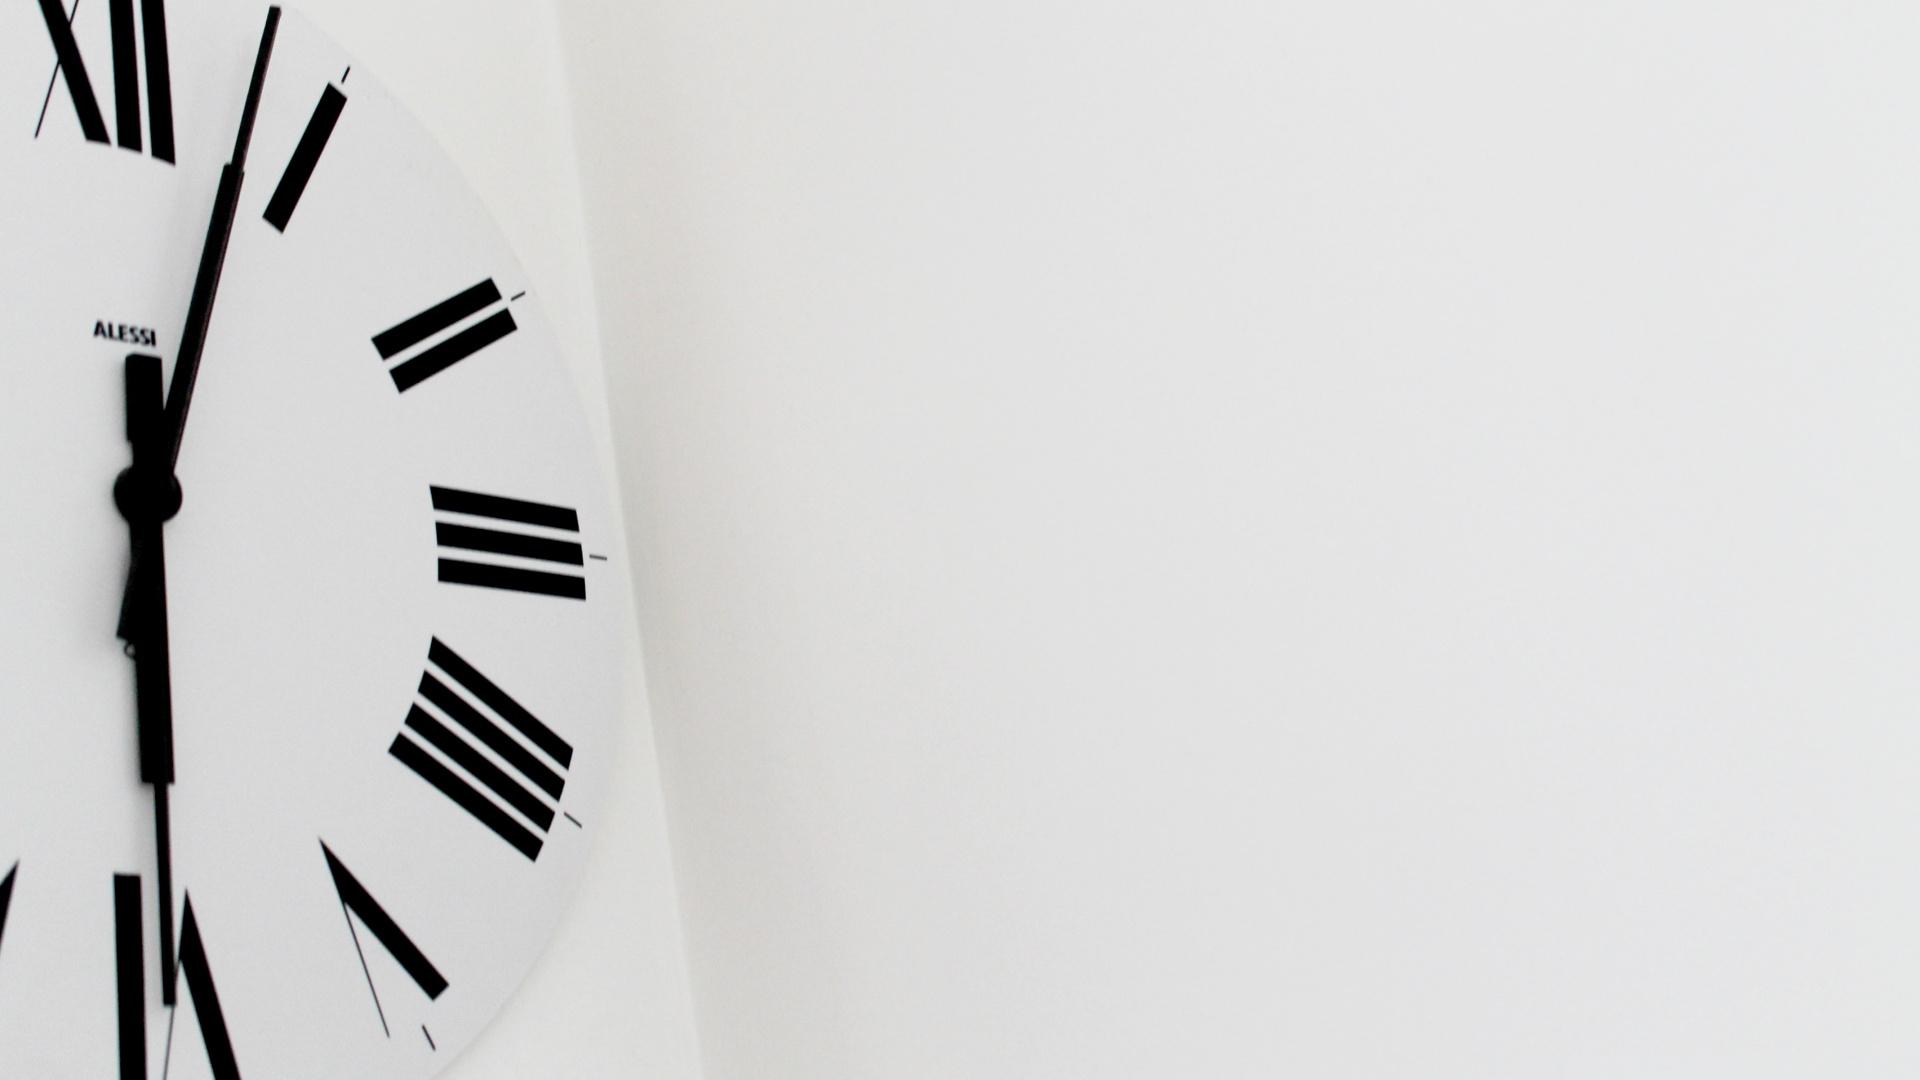 Đồng hồ làm nền cho đồng hồ đếm ngược